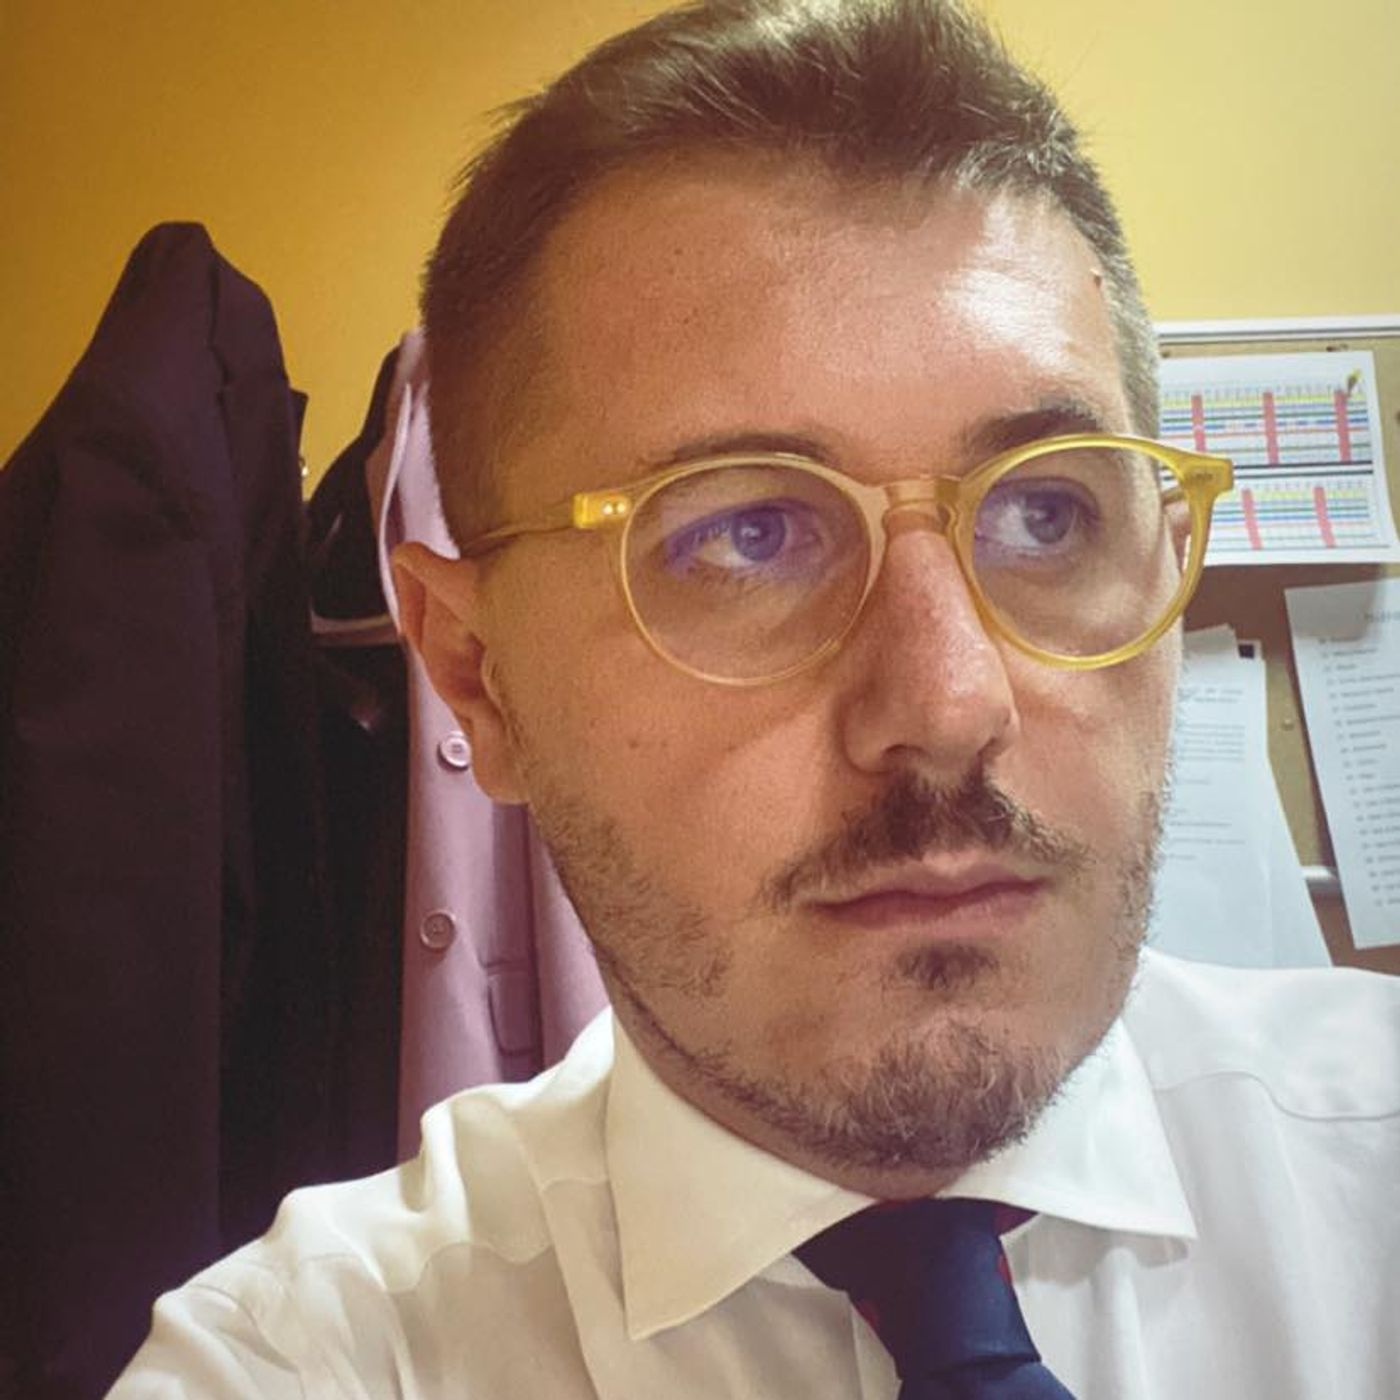 La buona notizia: intervista a Fabio Cortina